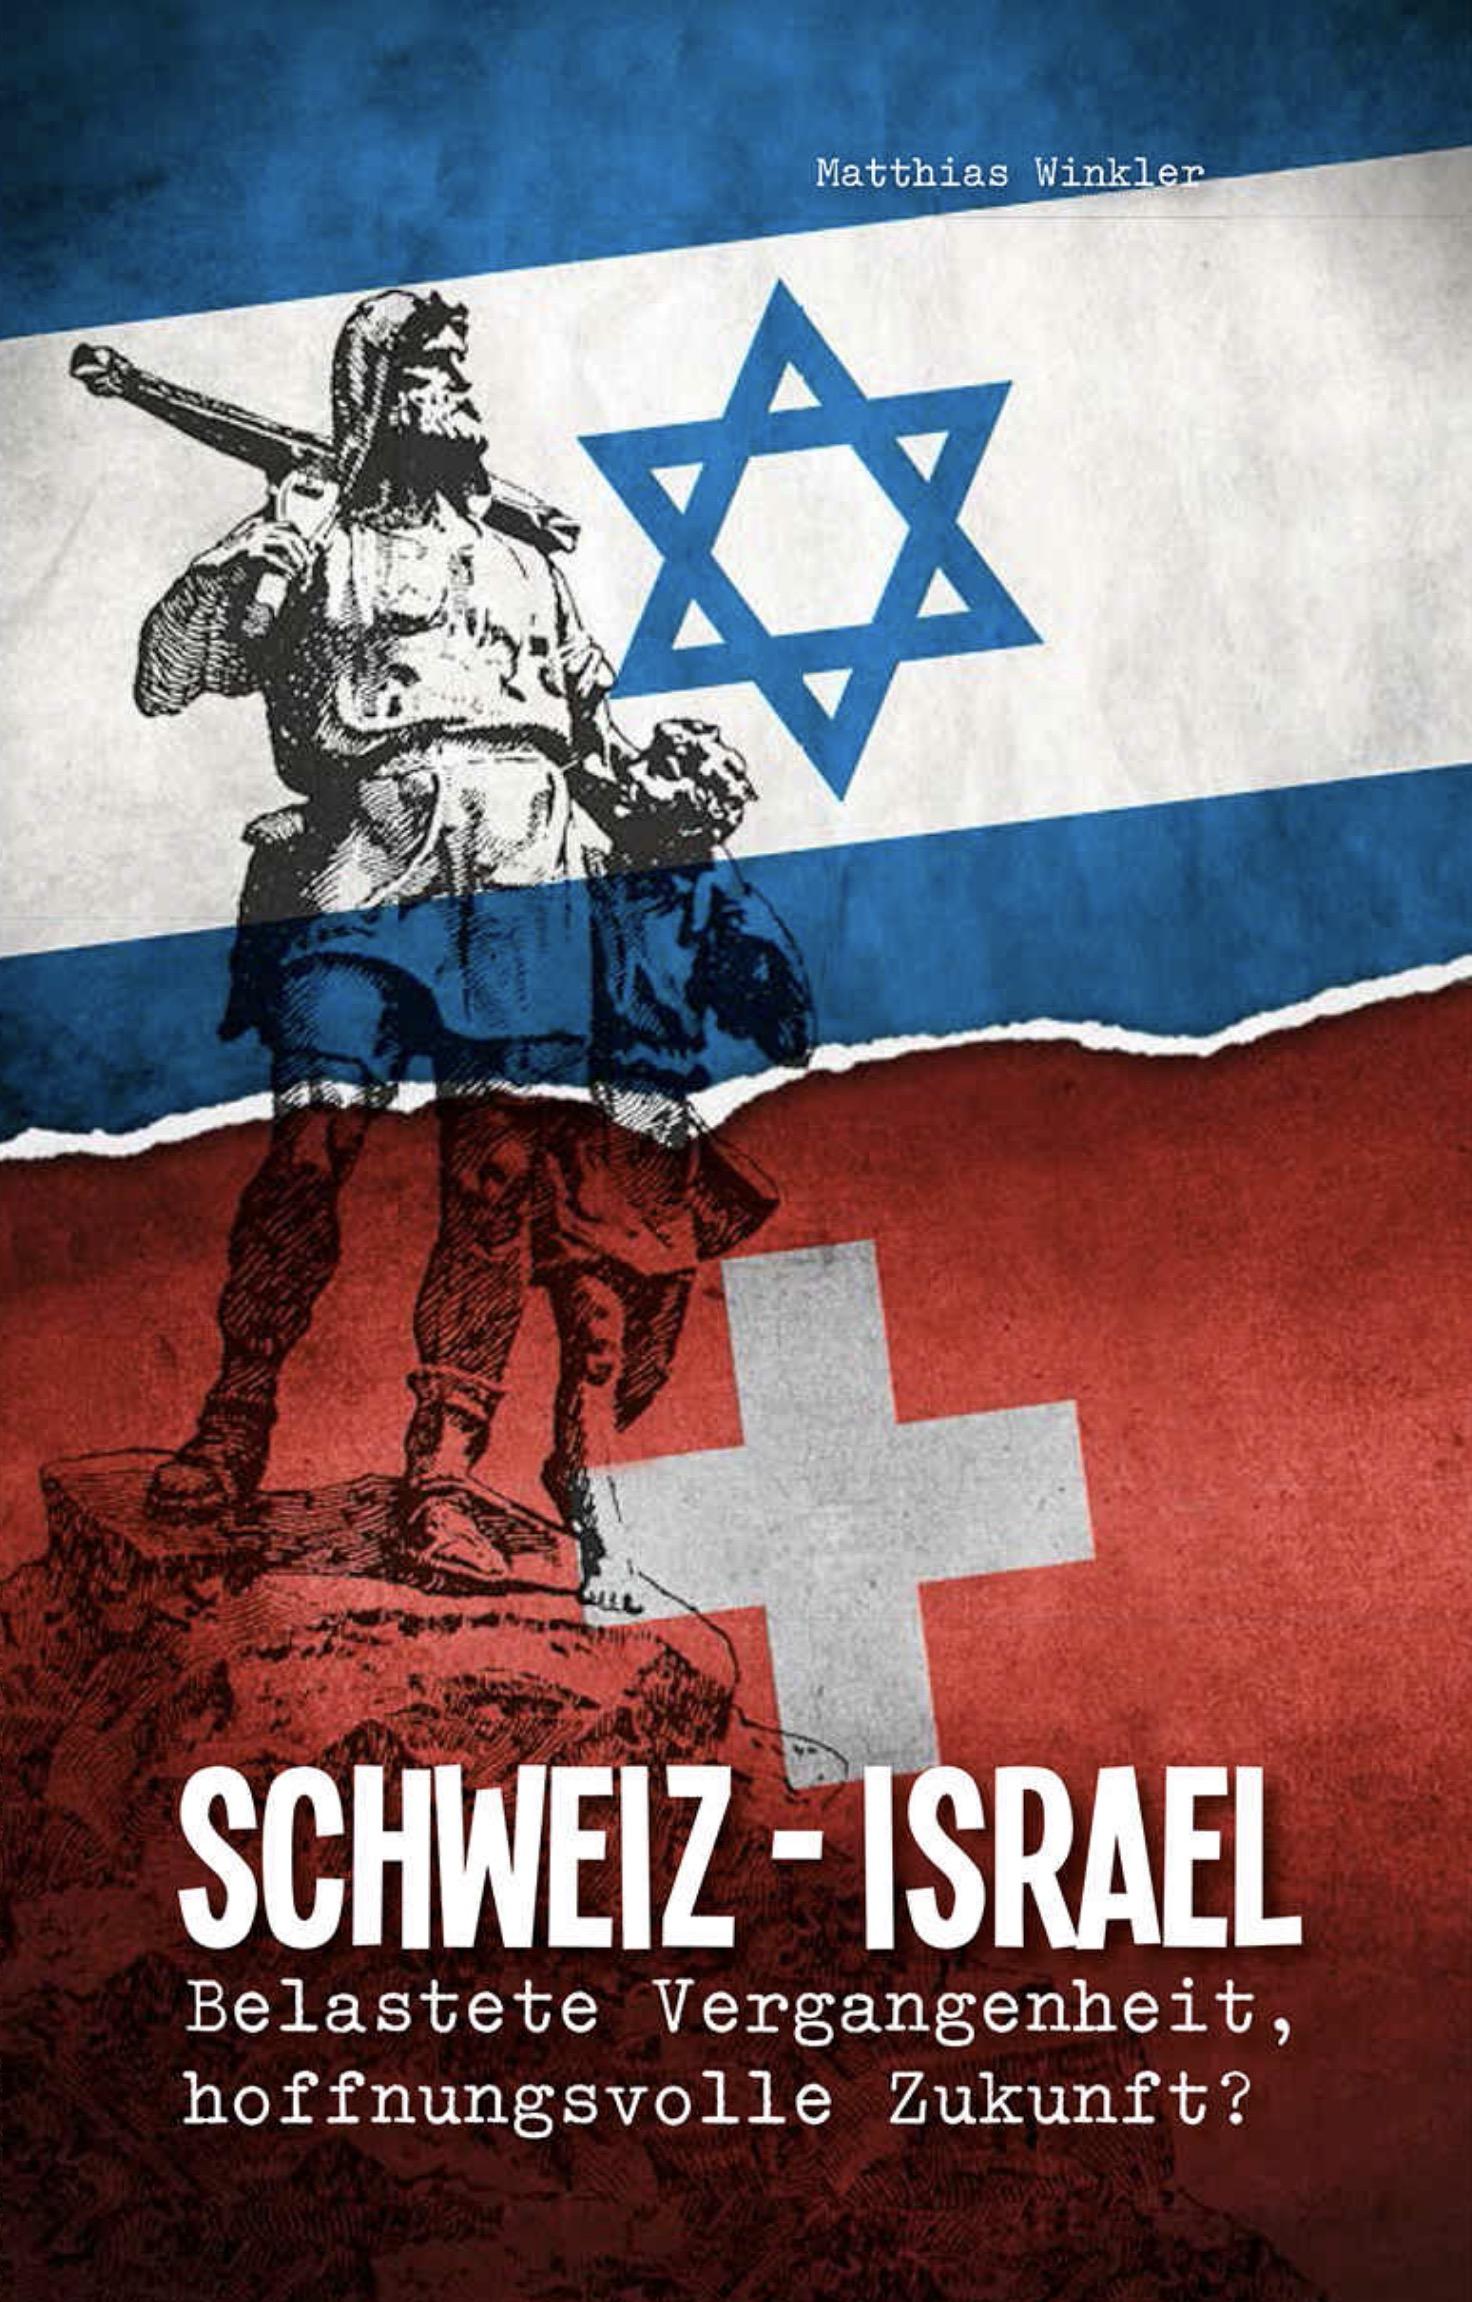 Schweiz - Israel - Belastete Vergangenheit, hoffnungsvolle Zukunft?